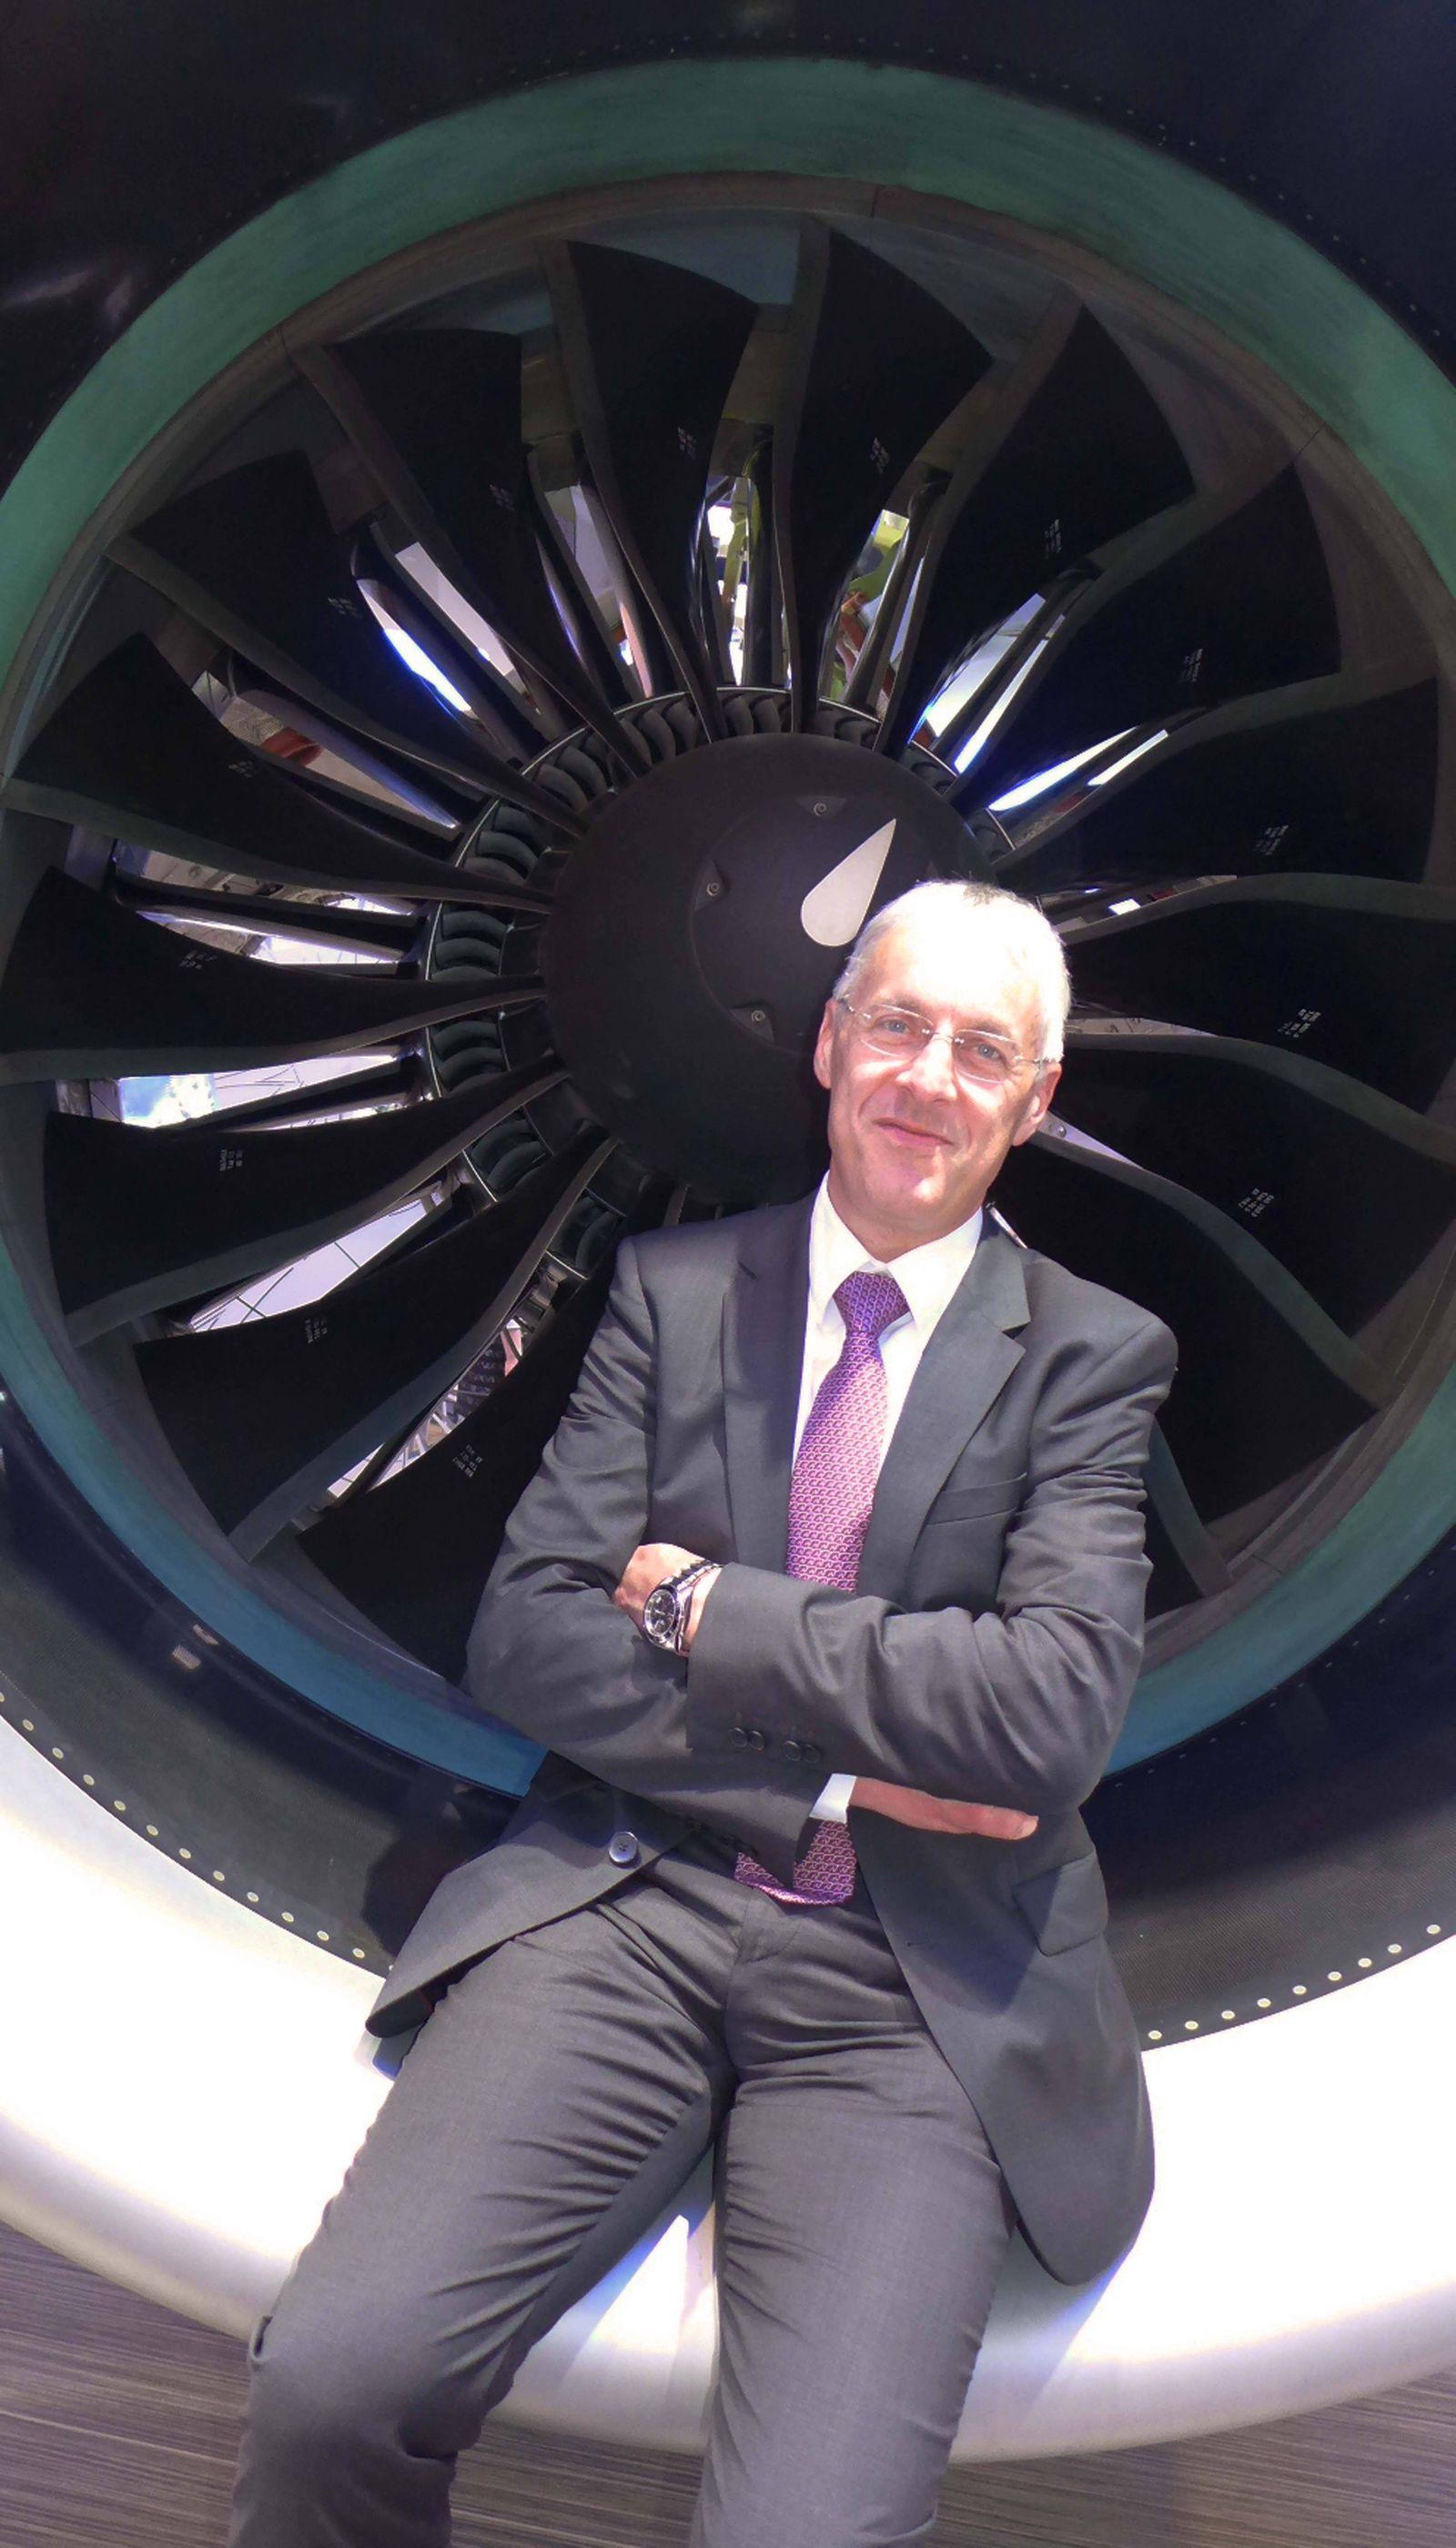 2014 05 20 wpBerlin Reiner WINKLER 53 ist seit Januar 2014 Vorstandsvorsitzender der MTU Aero En